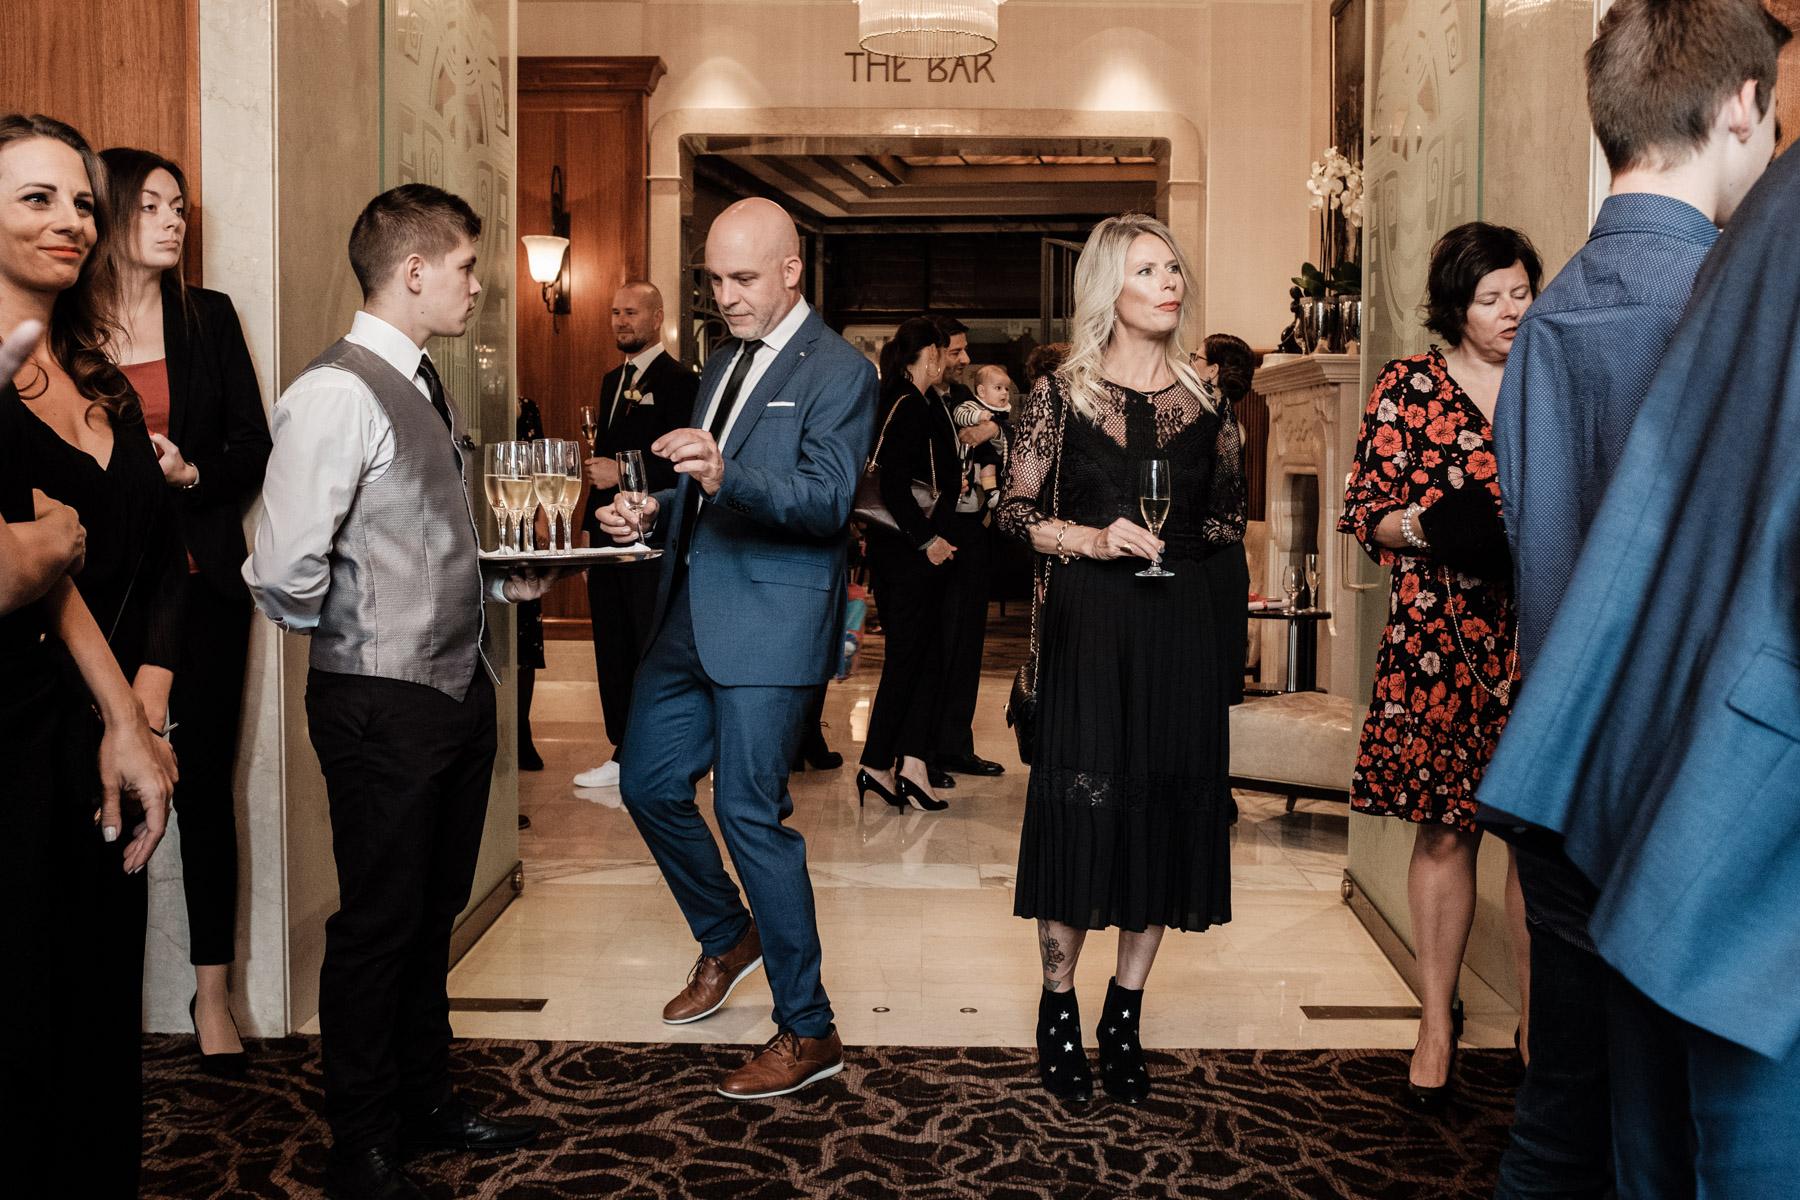 MartinLiebl_Kein_Hochzeitsfotograf_No_Wedding_Photographer_Budapest_Gresham_Palace_029.jpg